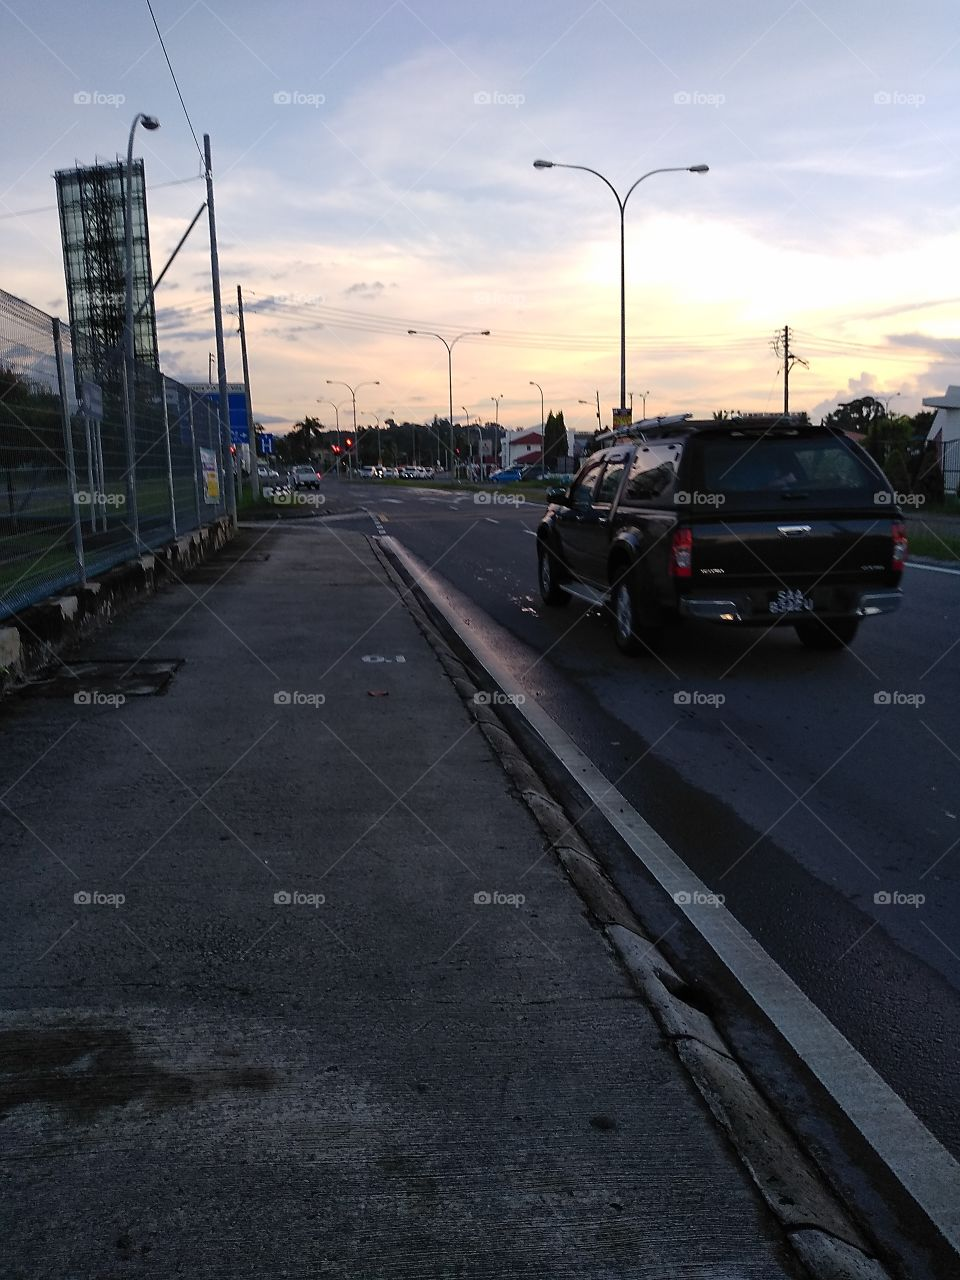 Jalan Damai and Jalan Tuaran, Likas, Kota Kinabalu, Sabah, Malaysia